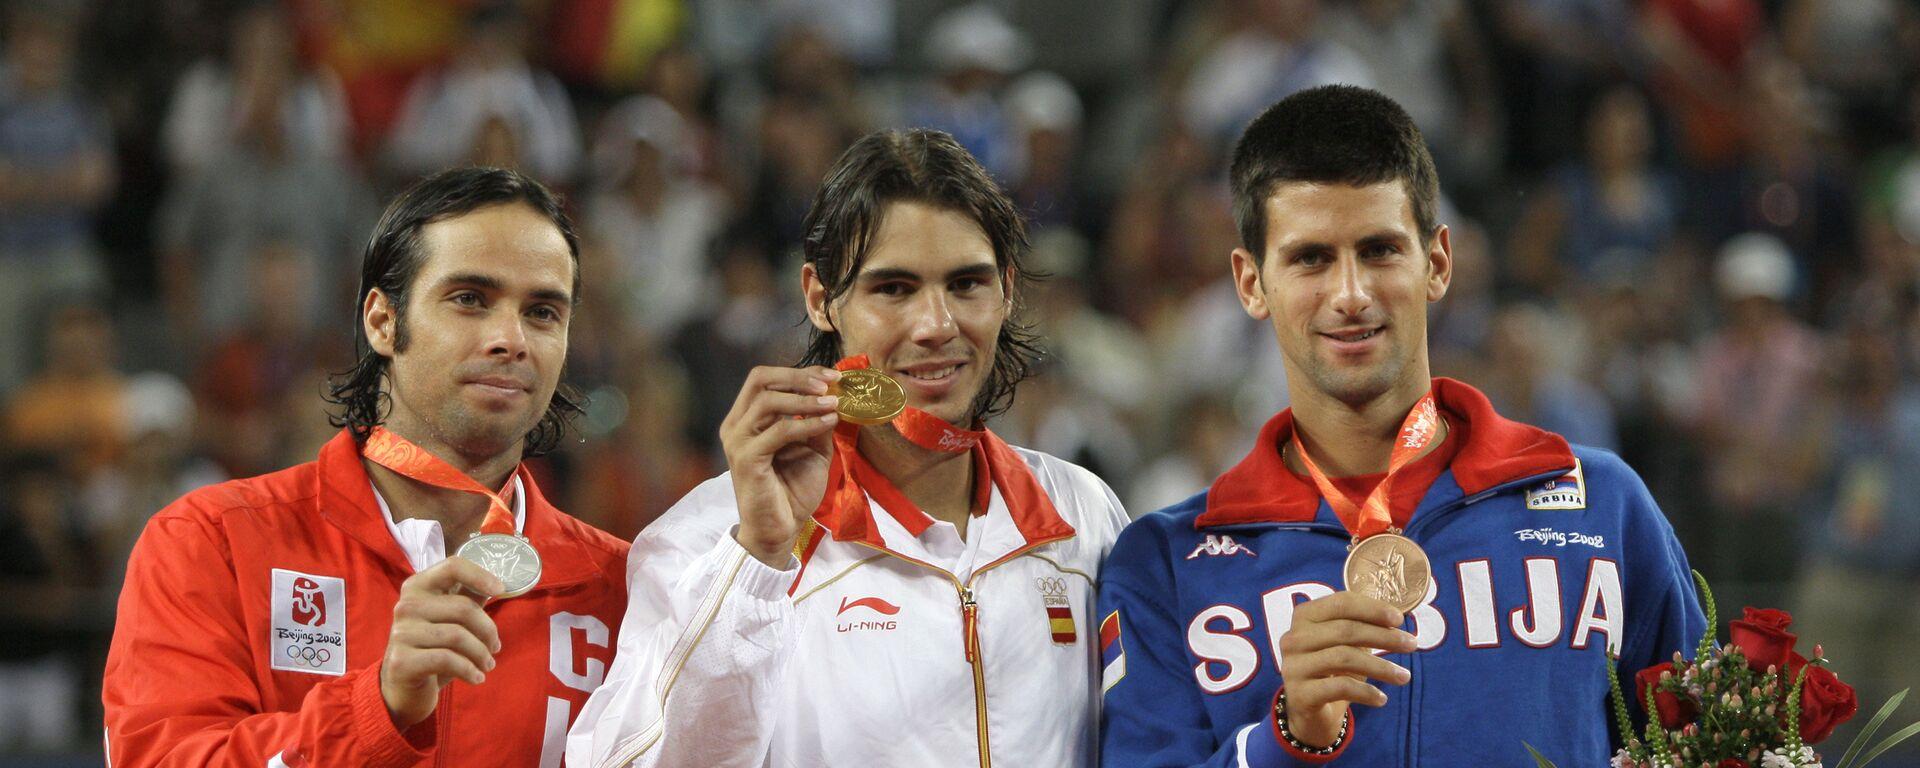 Fernando Gonzales, Rafael Nadal i Novak Đoković, osvajači olimpijskih medalja u Pekingu 2008. - Sputnik Srbija, 1920, 15.07.2021